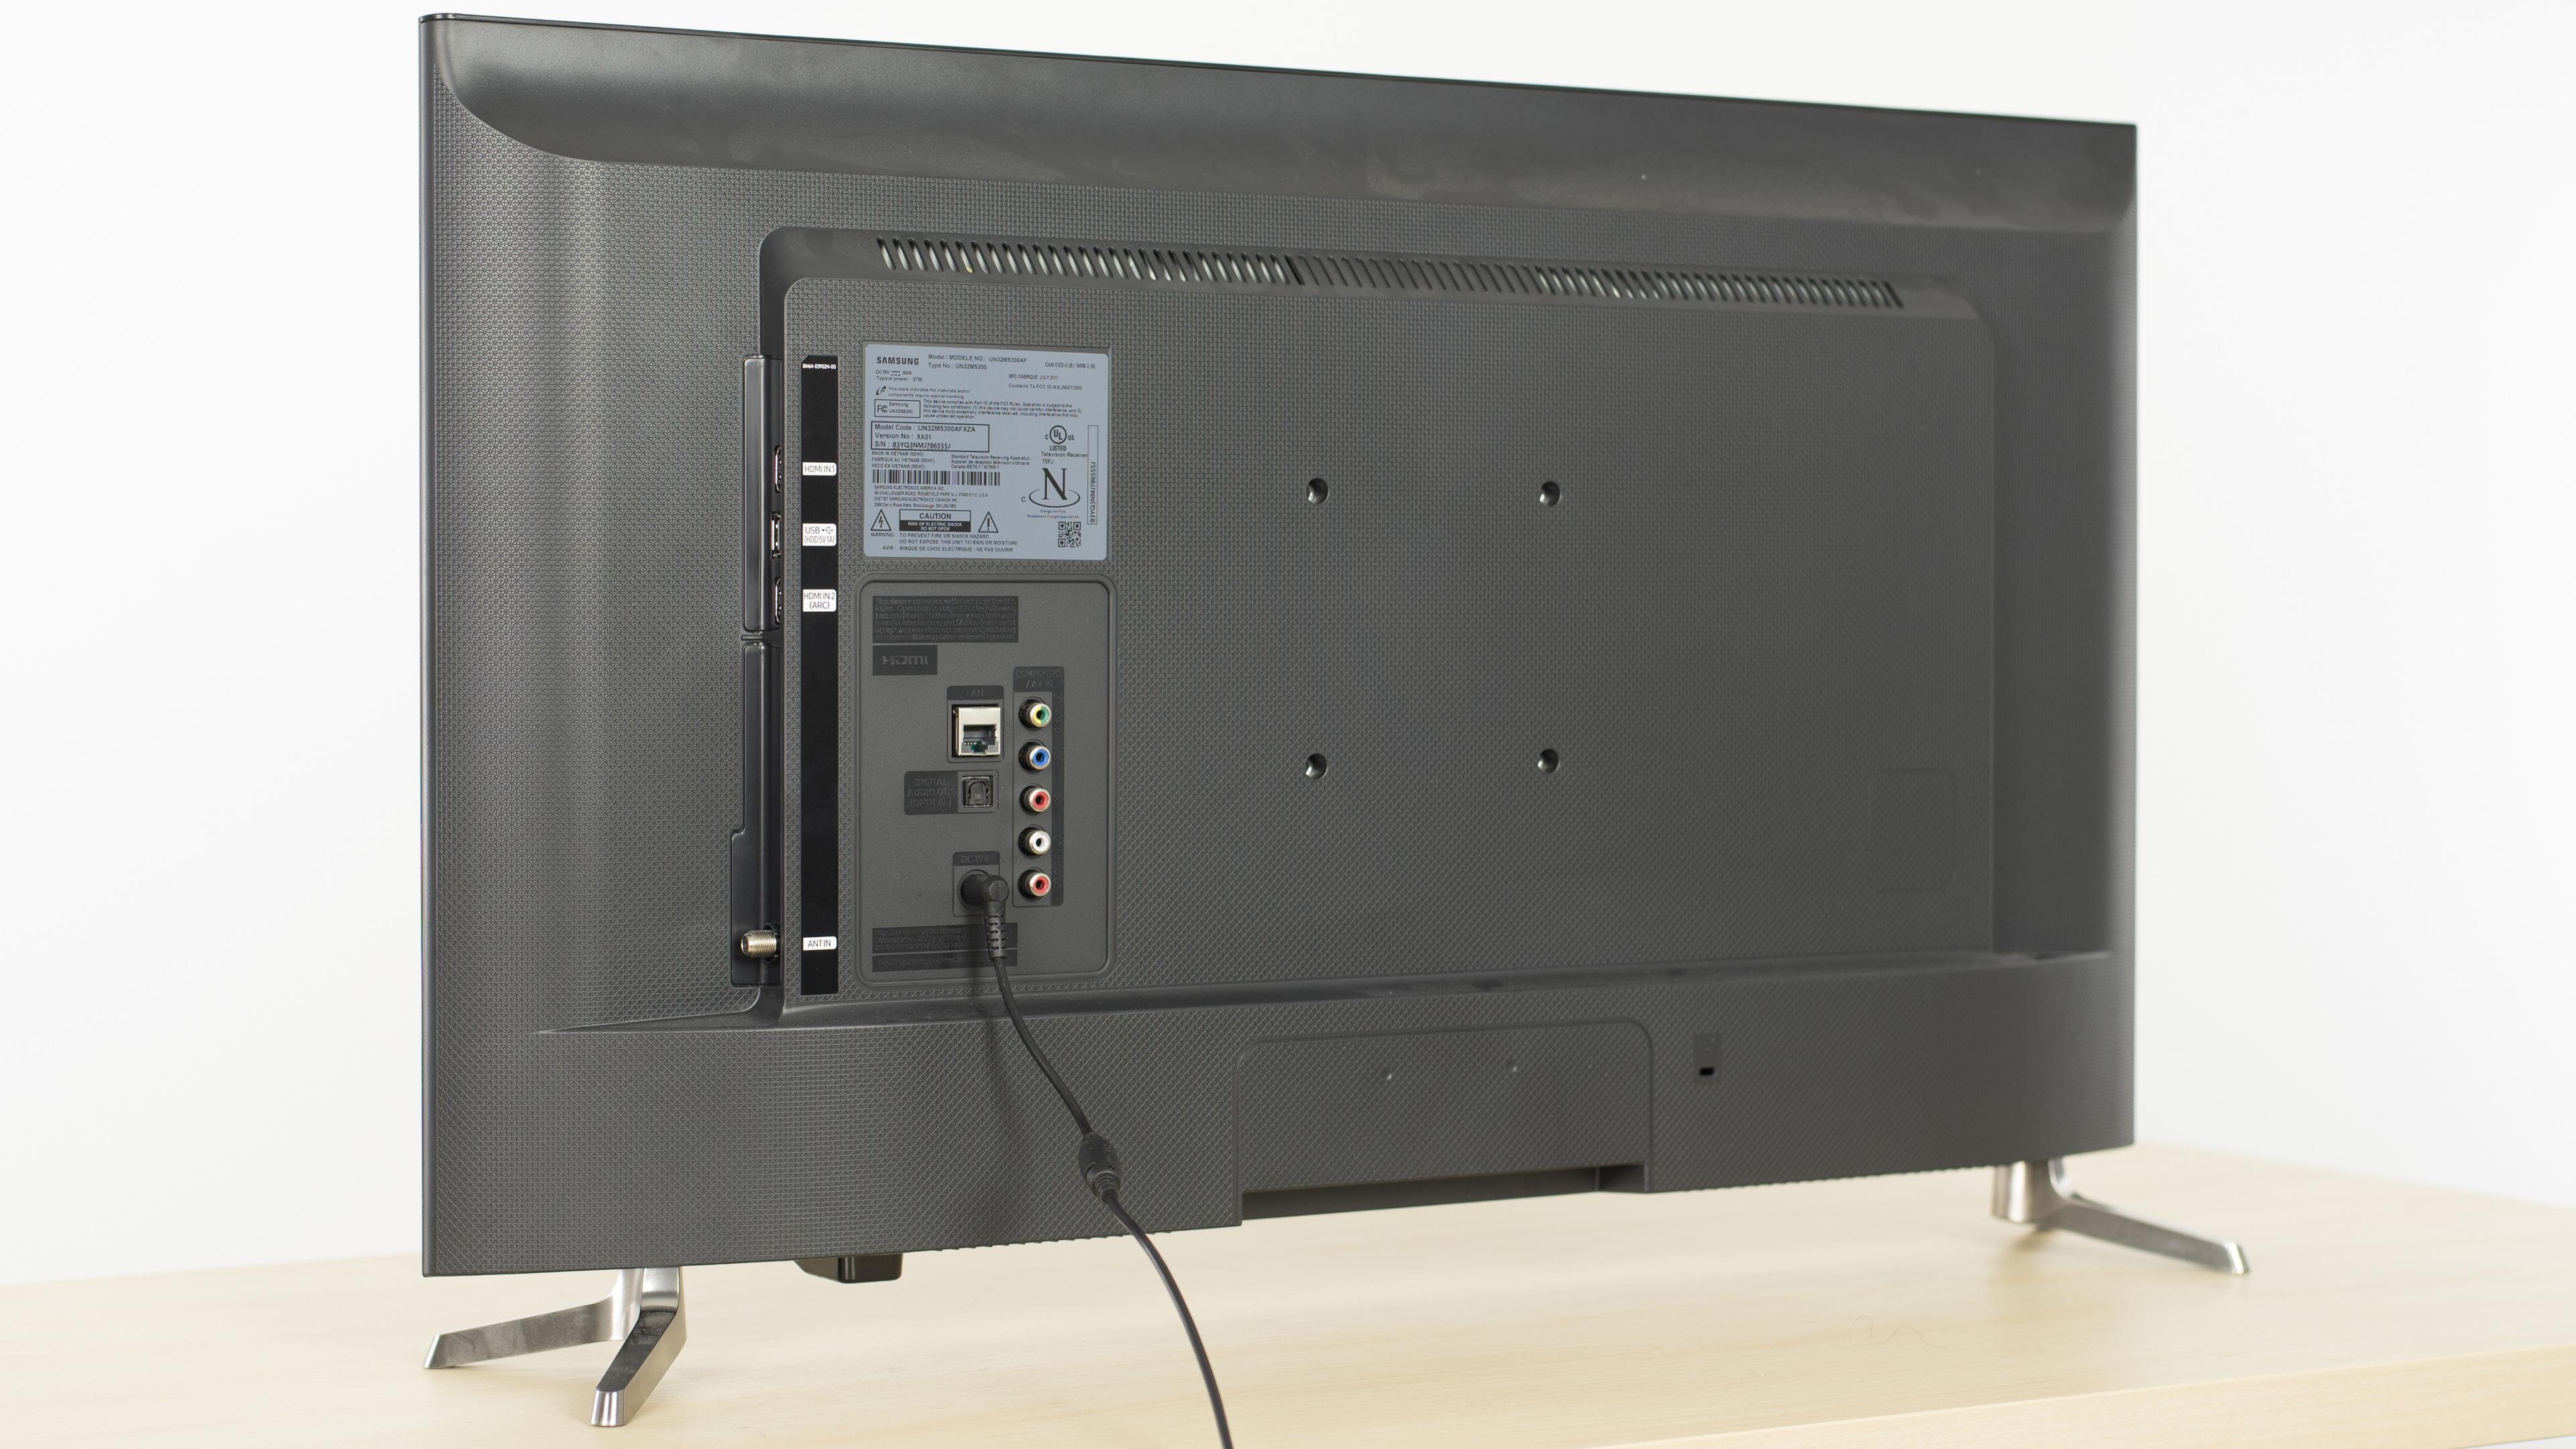 samsung m5300 review un32m5300 un40m5300 un43m5300 un49m5300 un50m5300. Black Bedroom Furniture Sets. Home Design Ideas